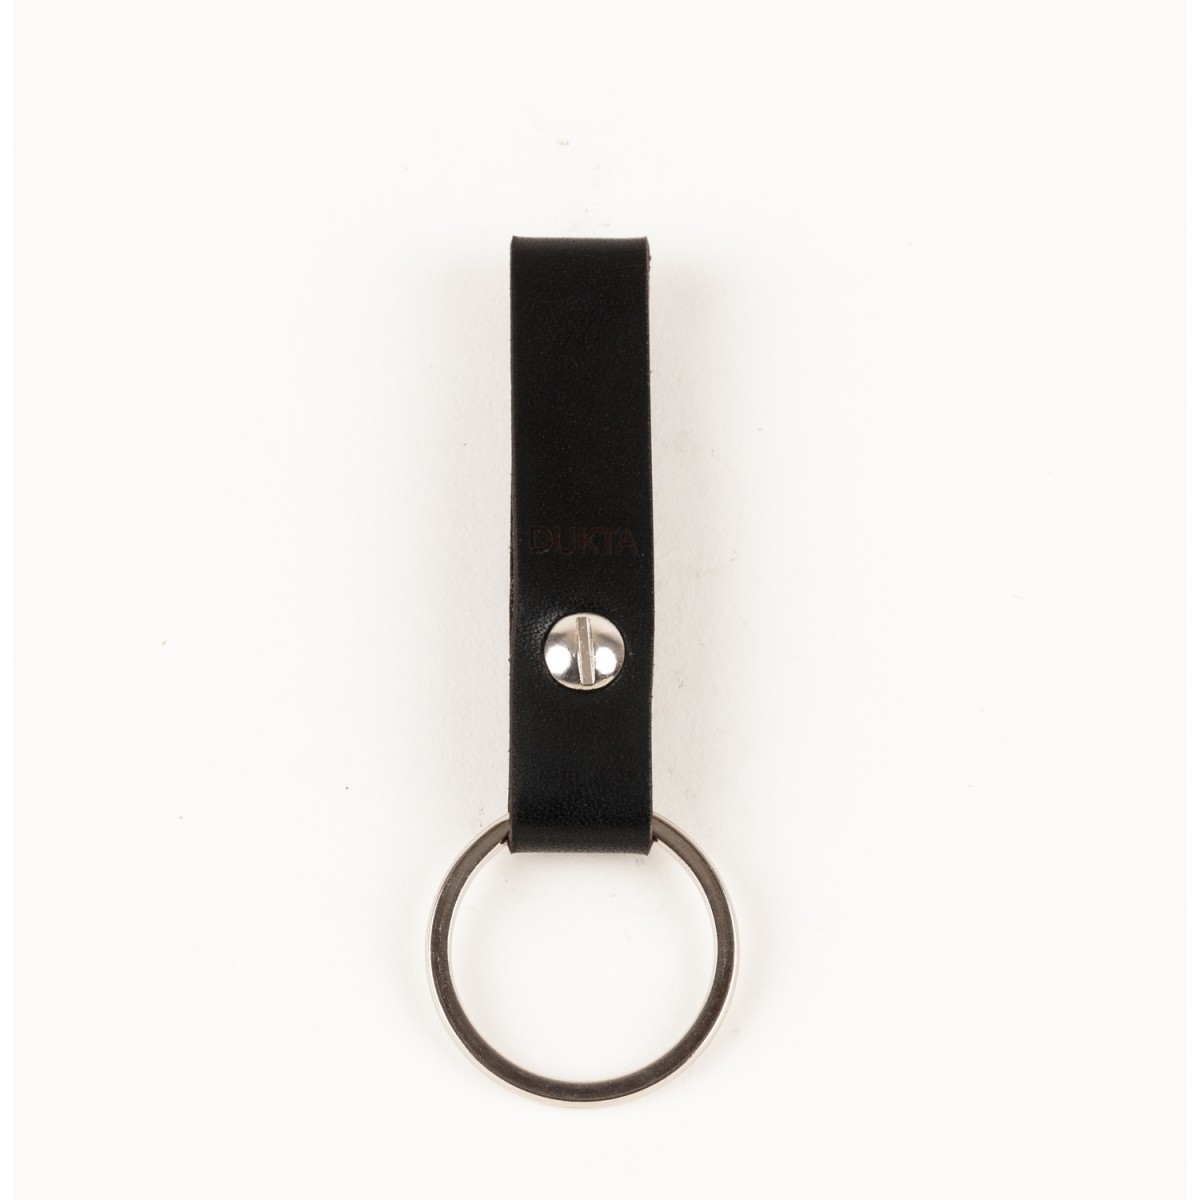 Schlüsselanhänger klein schwarz